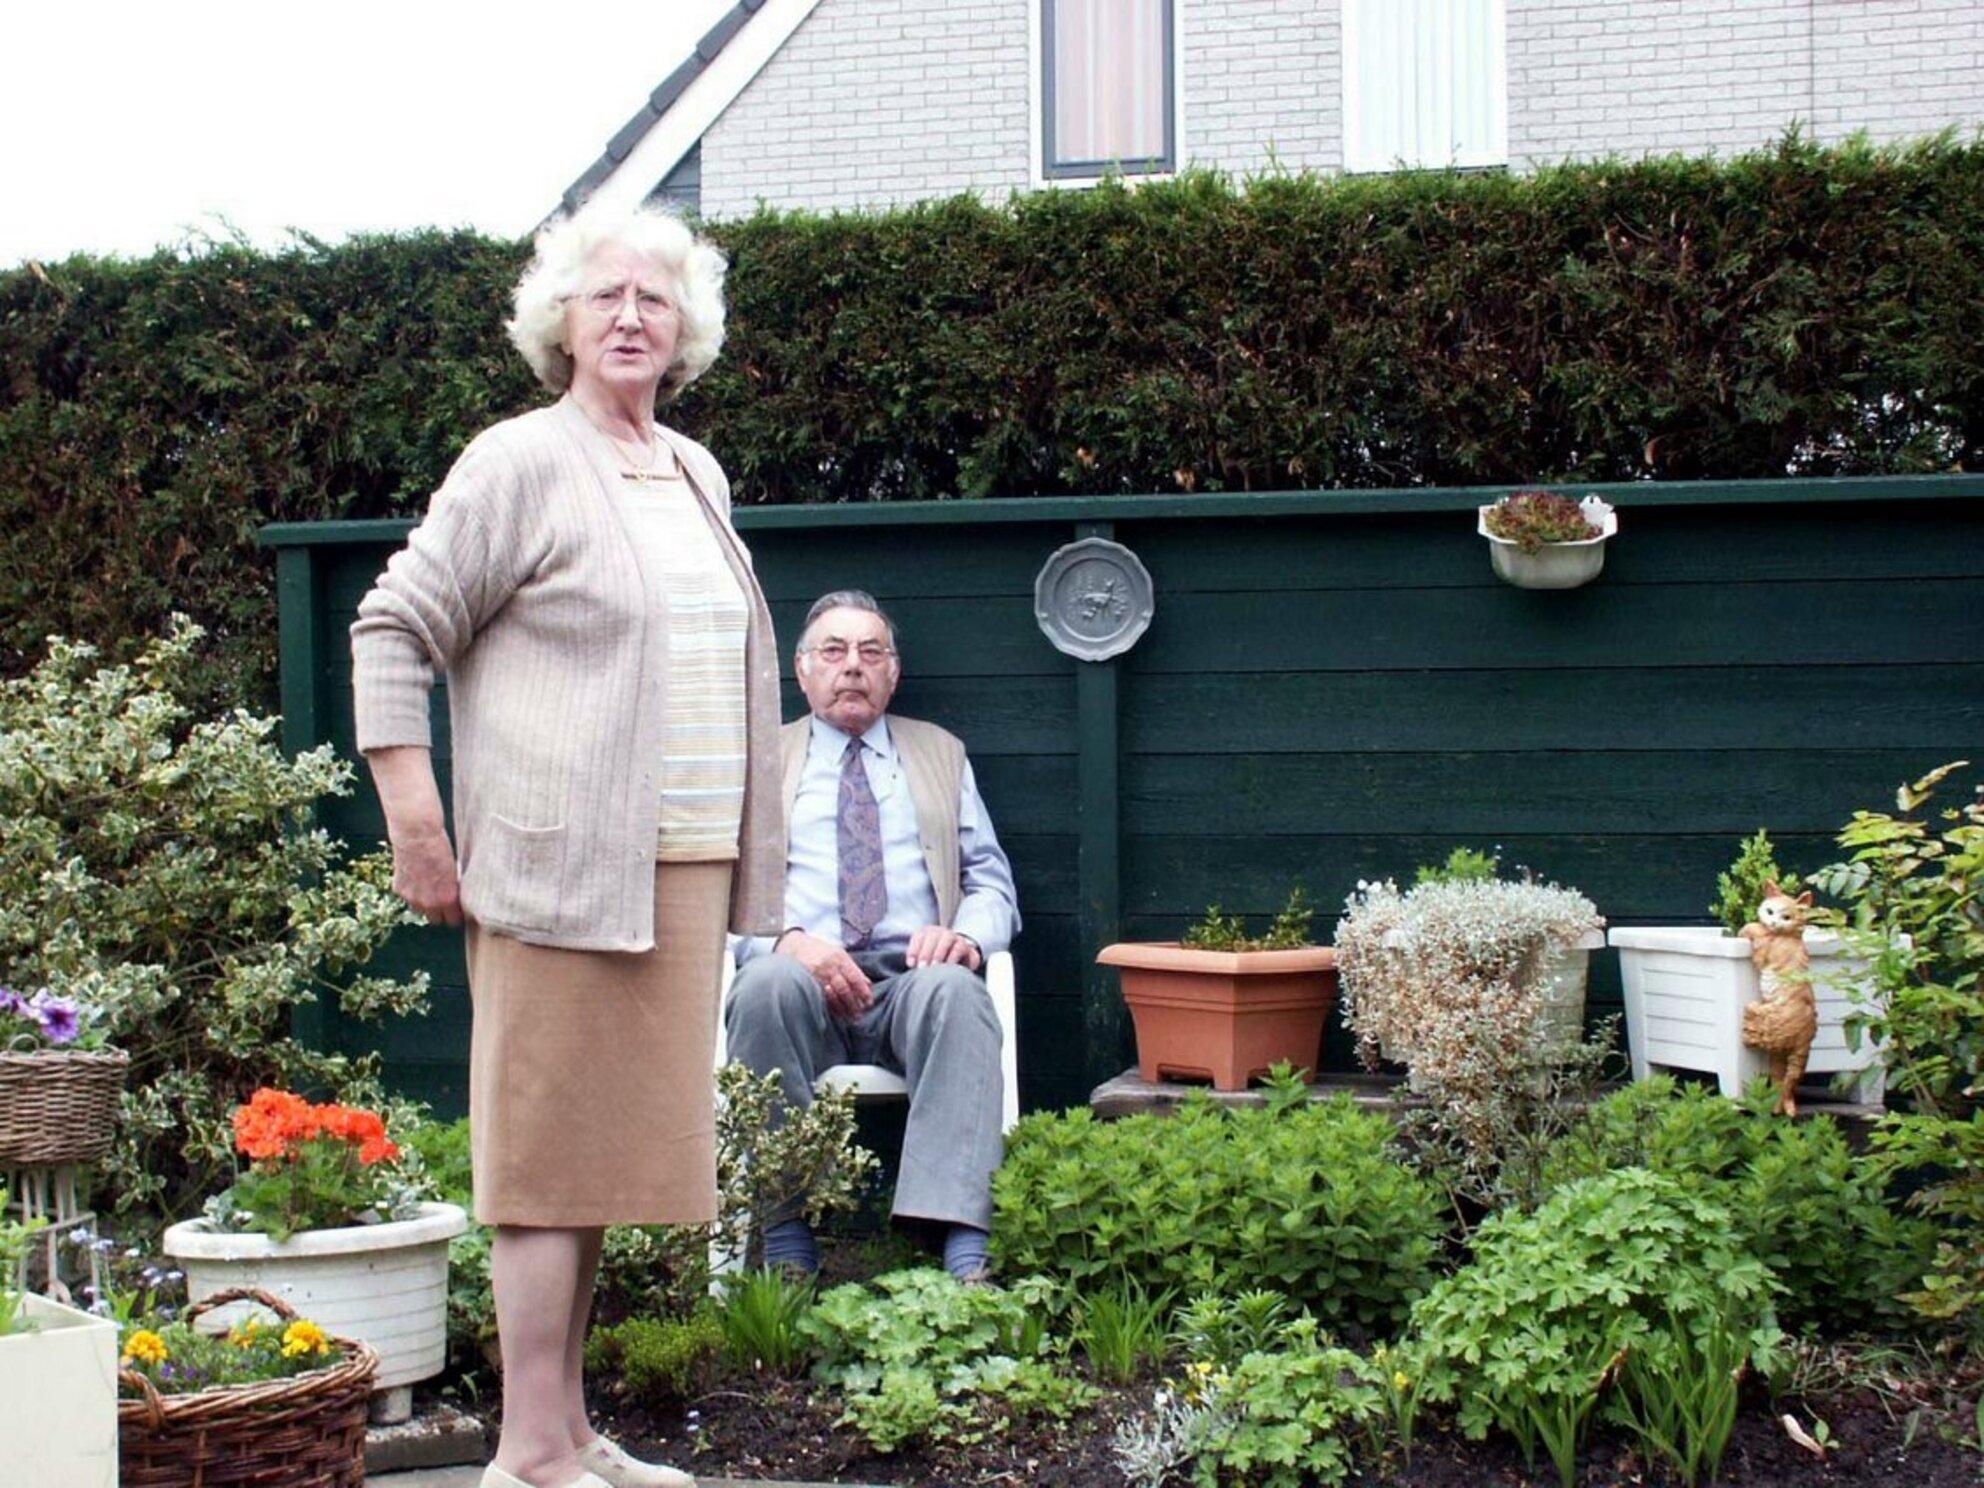 Schoonmoeder - mijn schoonmoeder, een schat van een mens! - foto door Henk van de Poel op 22-02-2007 - deze foto bevat: emotie, schoonmoeder - Deze foto mag gebruikt worden in een Zoom.nl publicatie